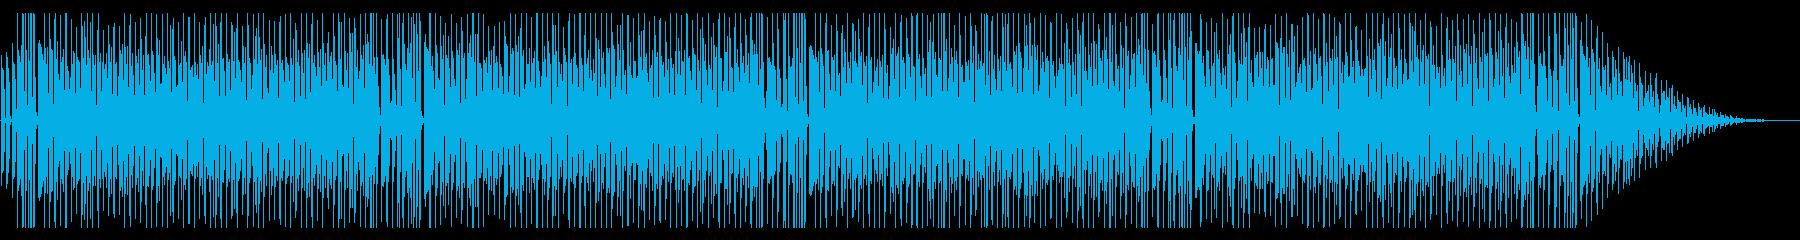 かわいい 軽快 コミカル ほのぼのの再生済みの波形